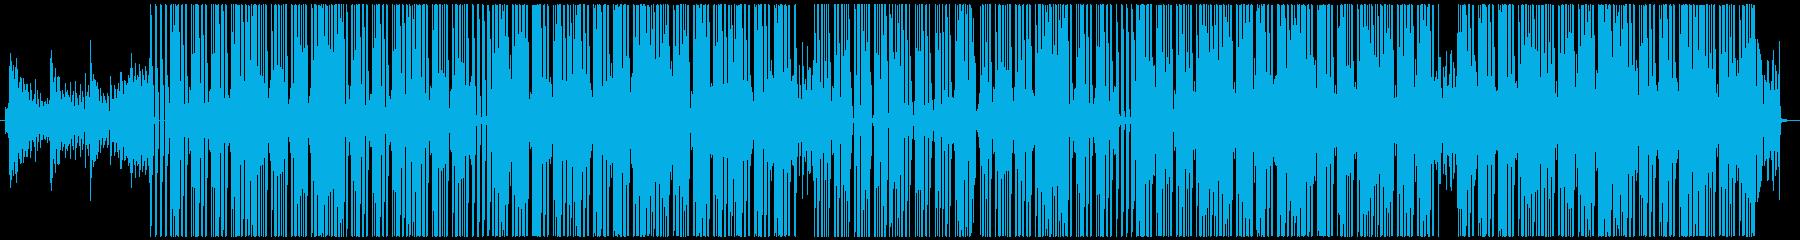 HIPHOP ラップ BGM アーバンの再生済みの波形